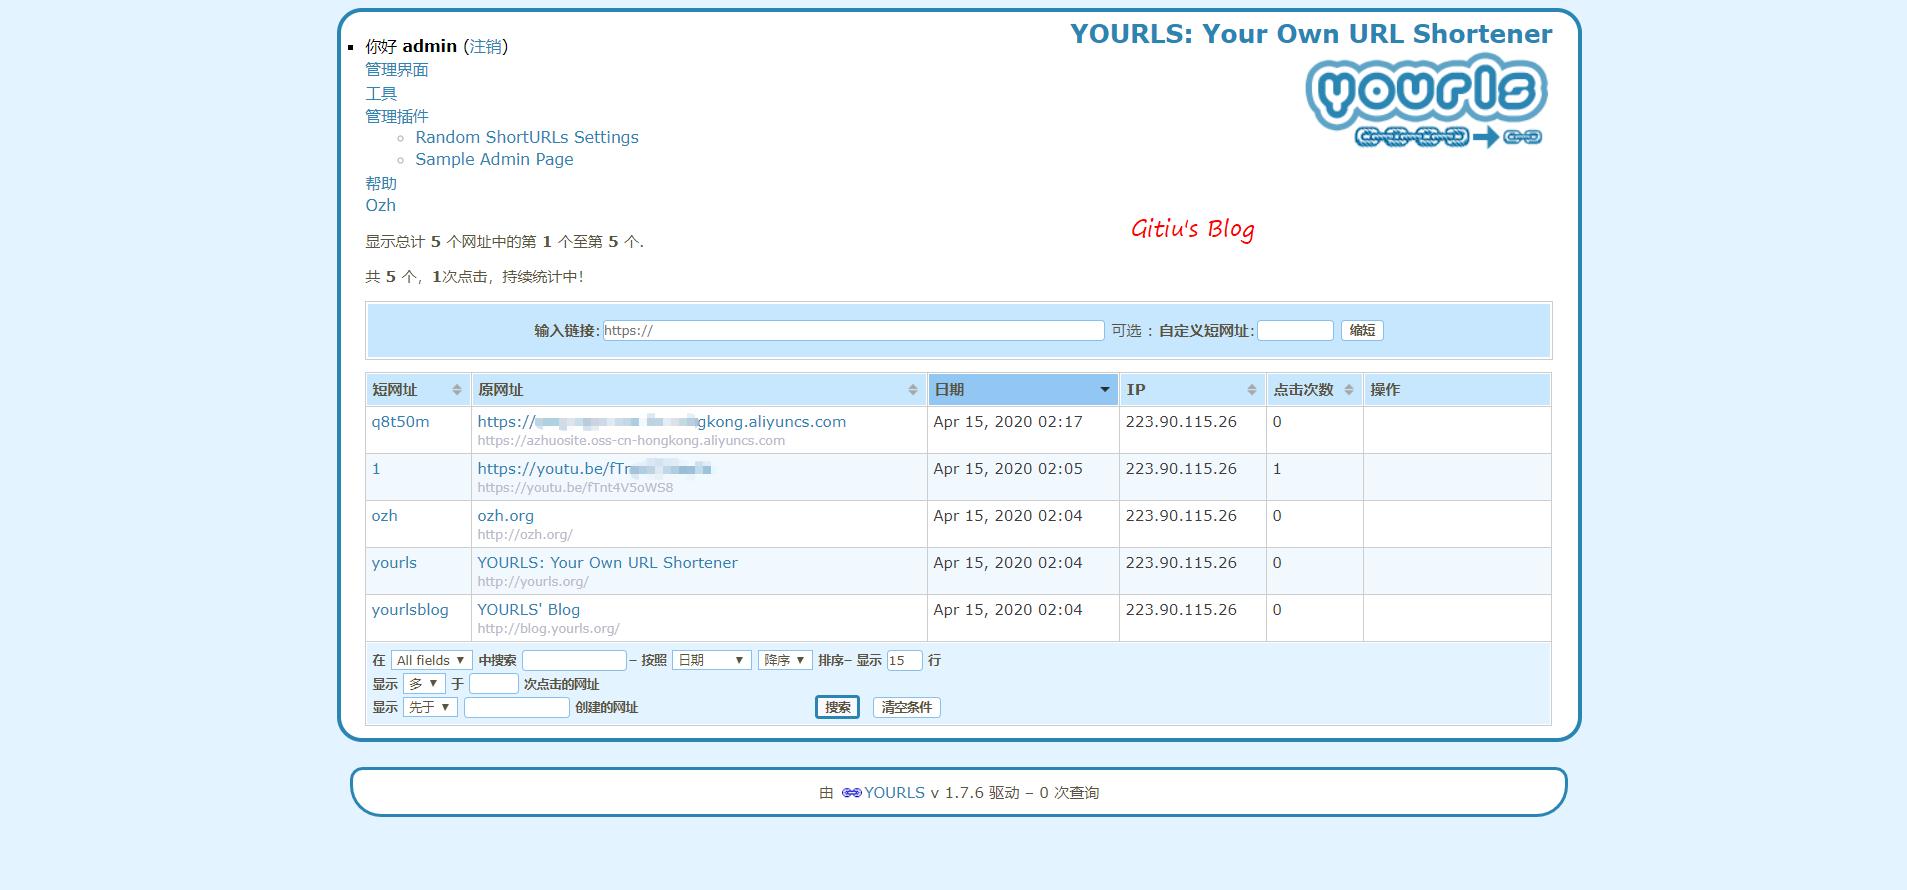 宝塔面板搭建YOURLS(yourls)-私人短链接地址服务插图(4)